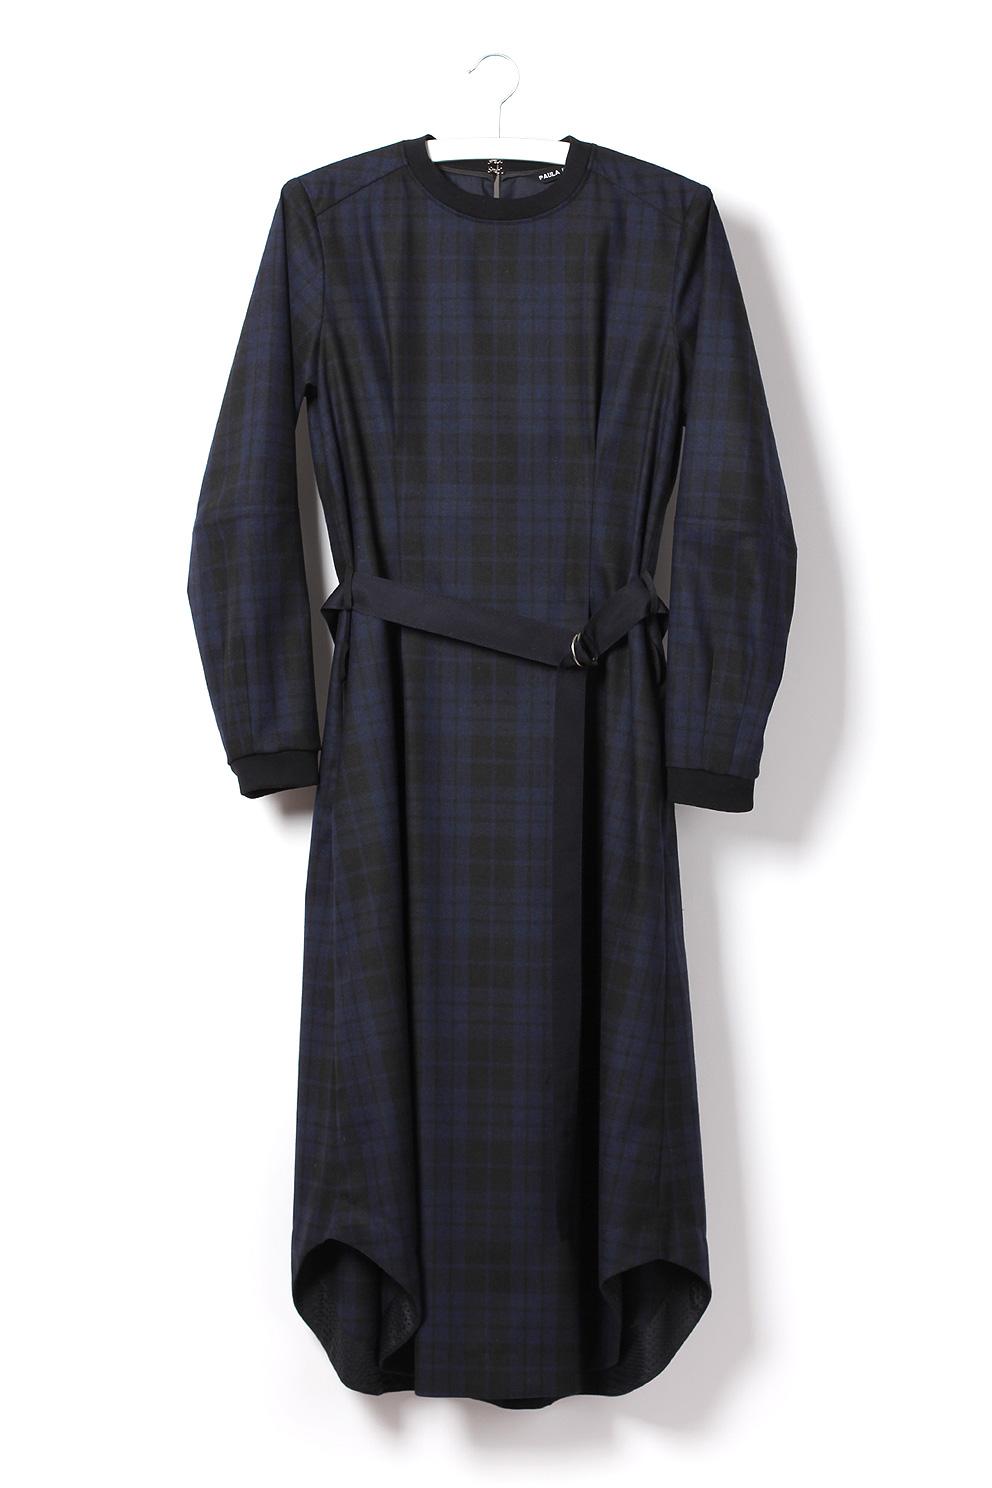 Langes Kleid aus Woll-Flanell mit Karo Muster-navy von Paula Immich